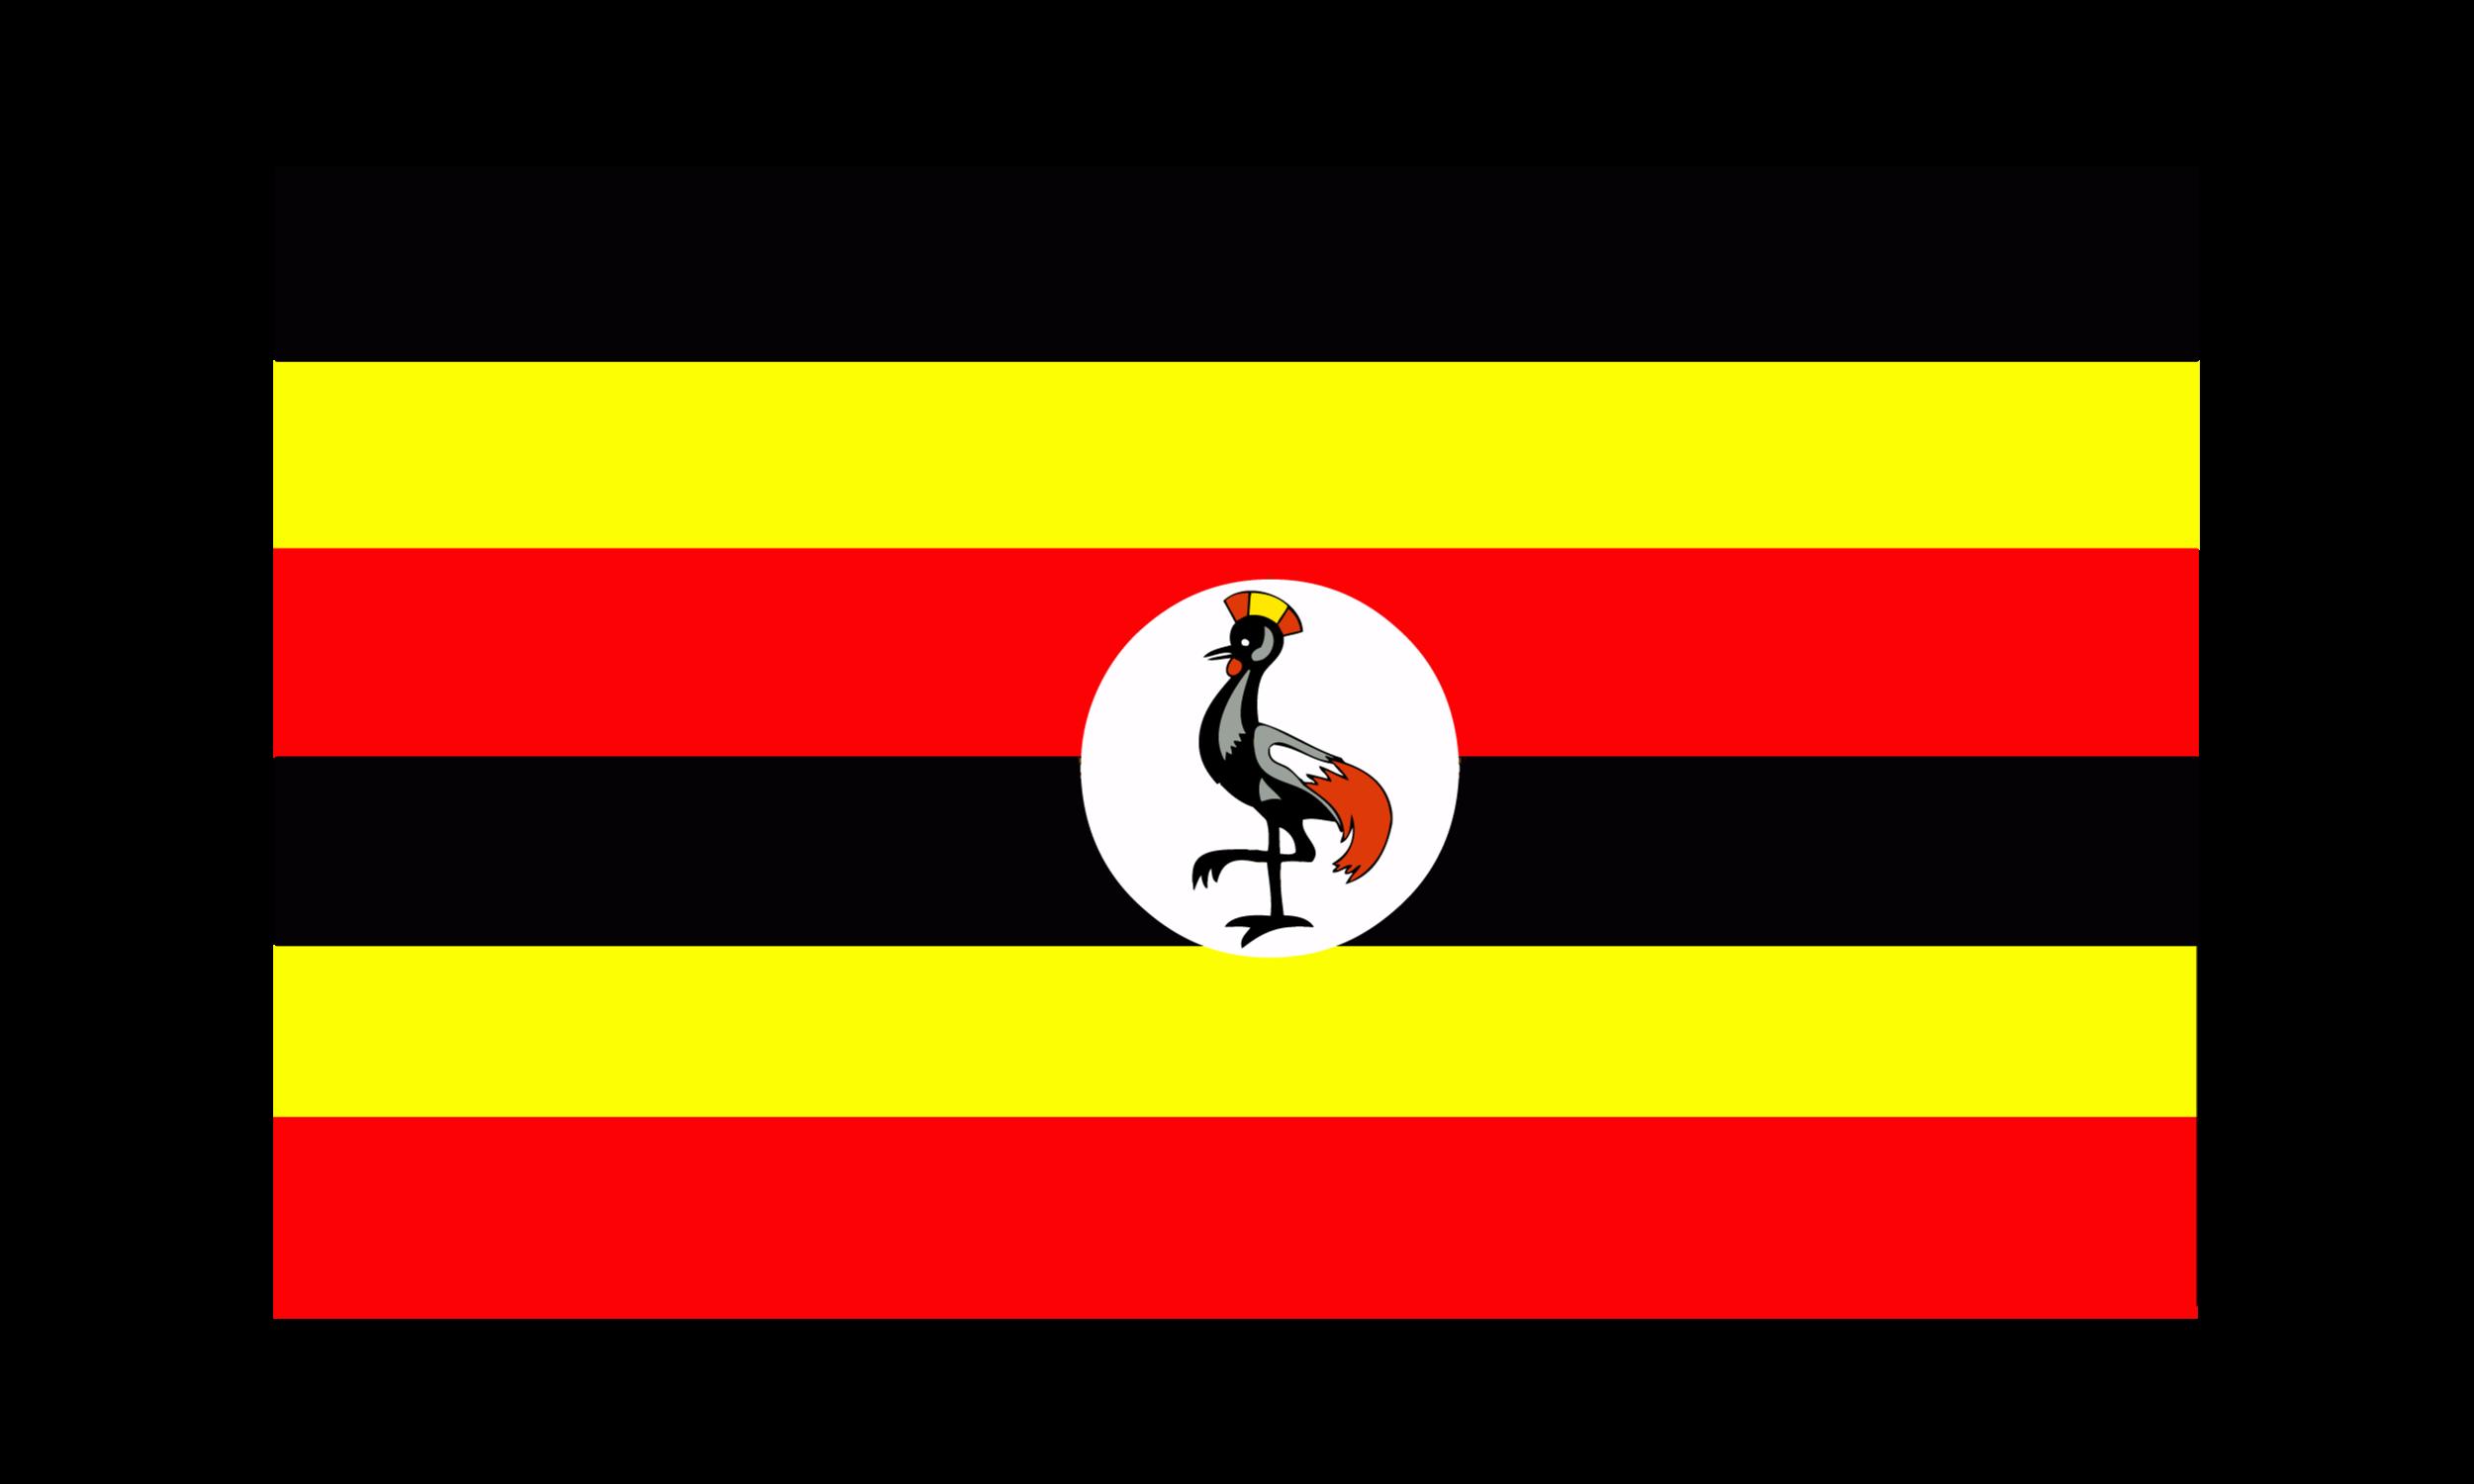 PalmerProductions_Creatives_uganda.png